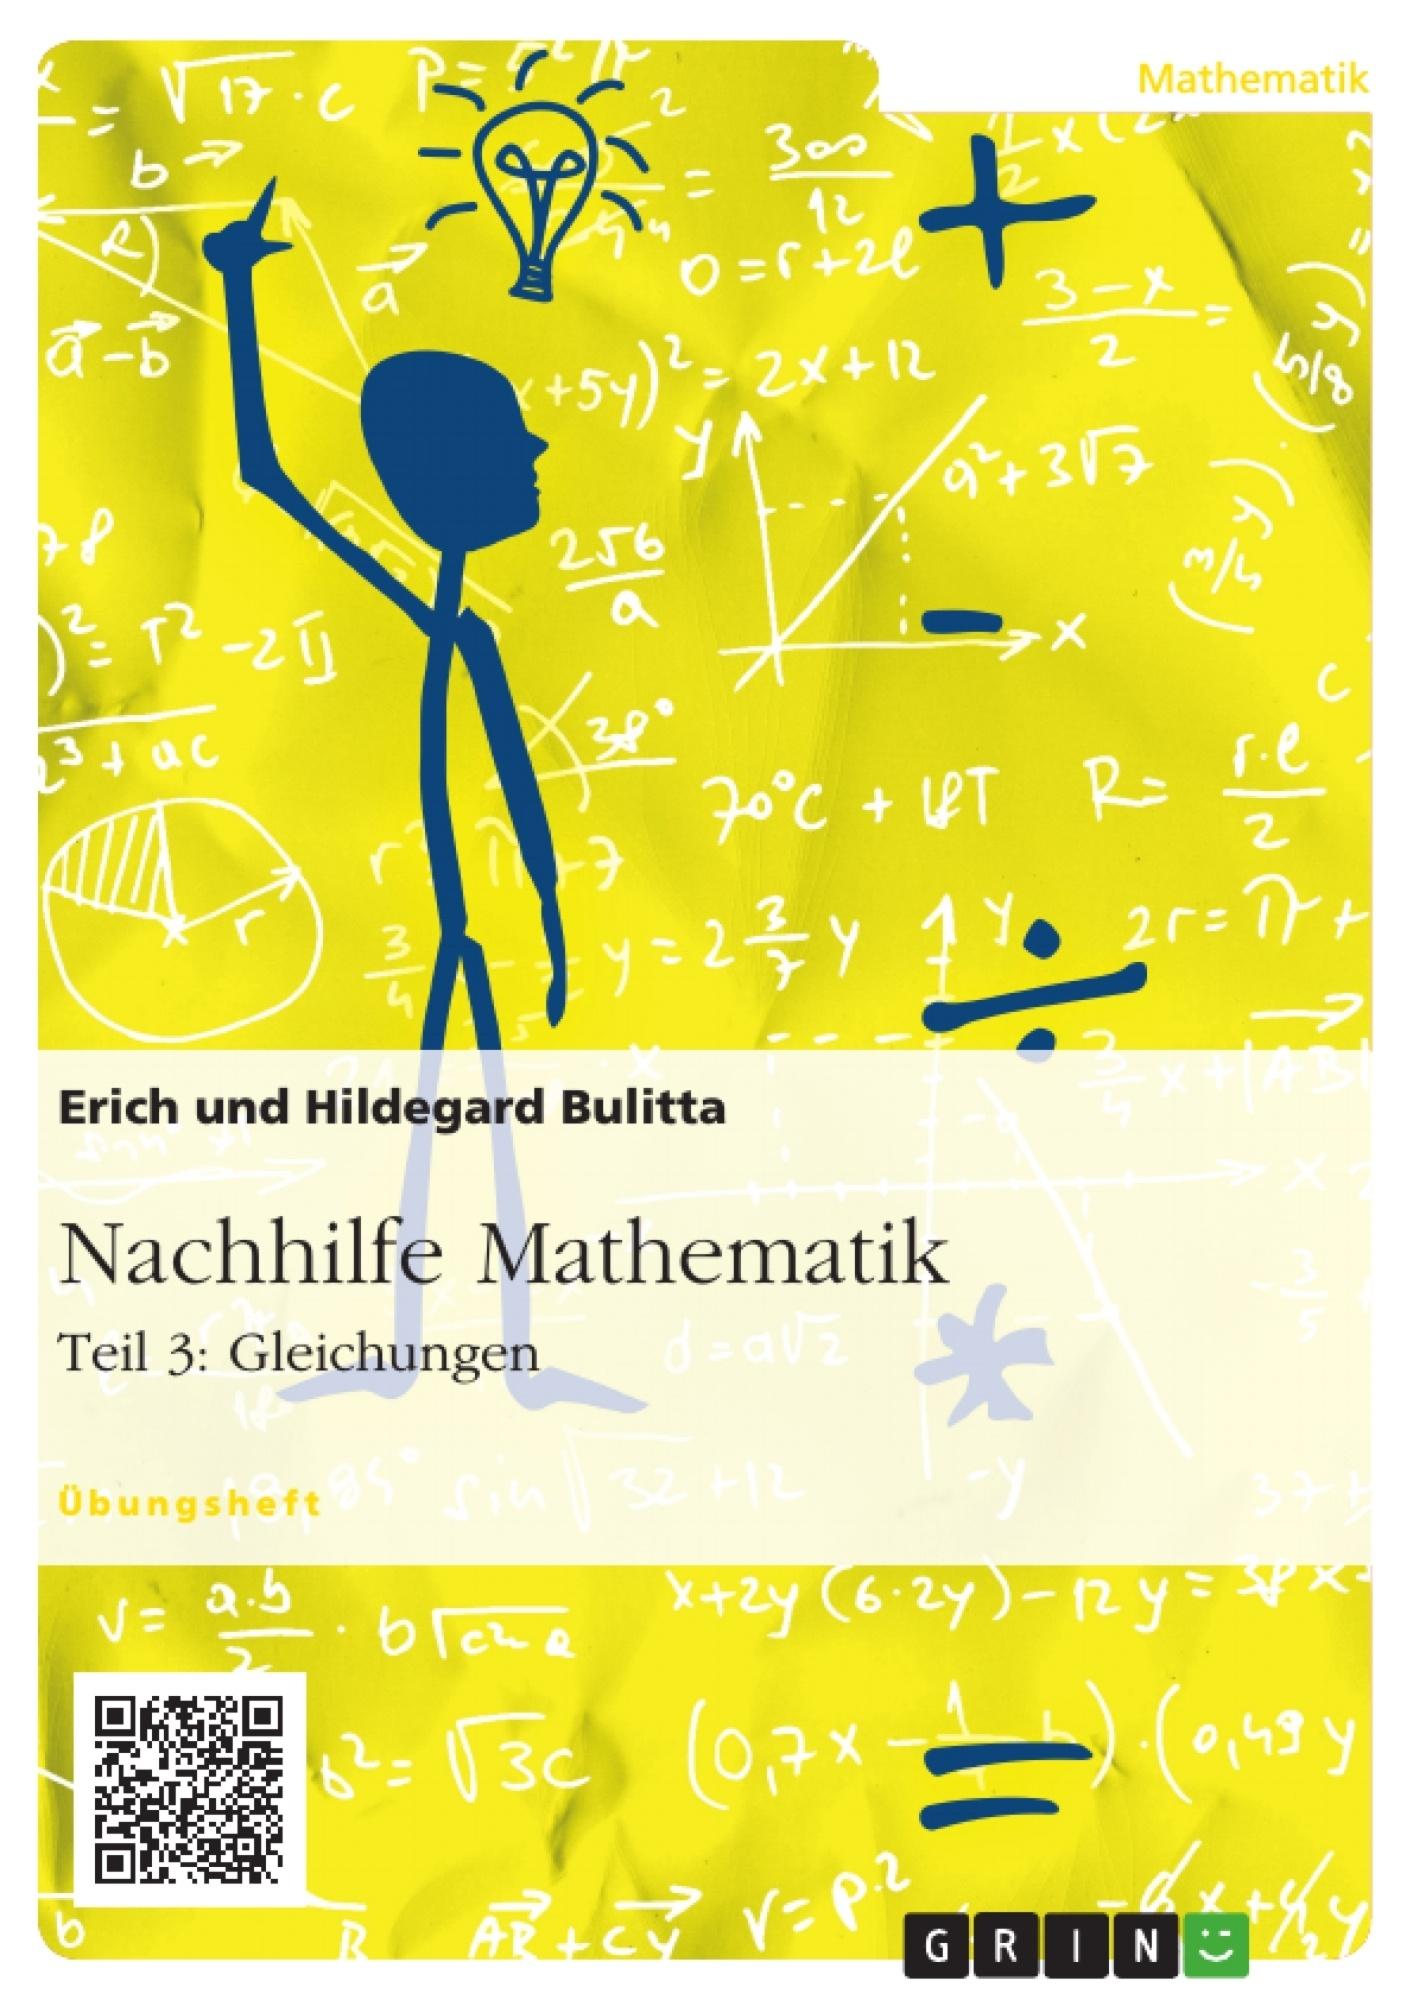 Nachhilfe Mathematik - Teil 3: Gleichungen | Masterarbeit ...